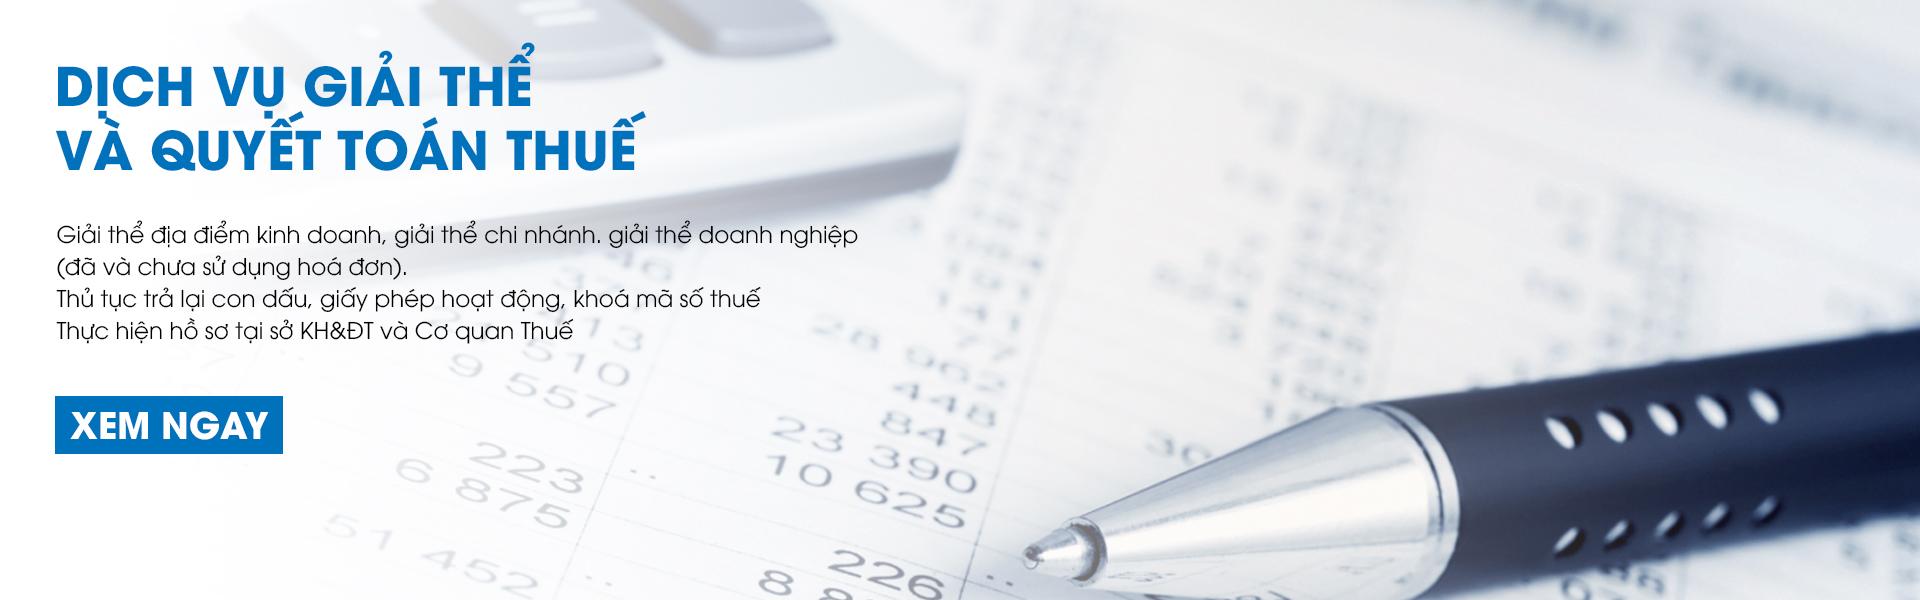 Dịch vụ giải thể và quyết toán thuế